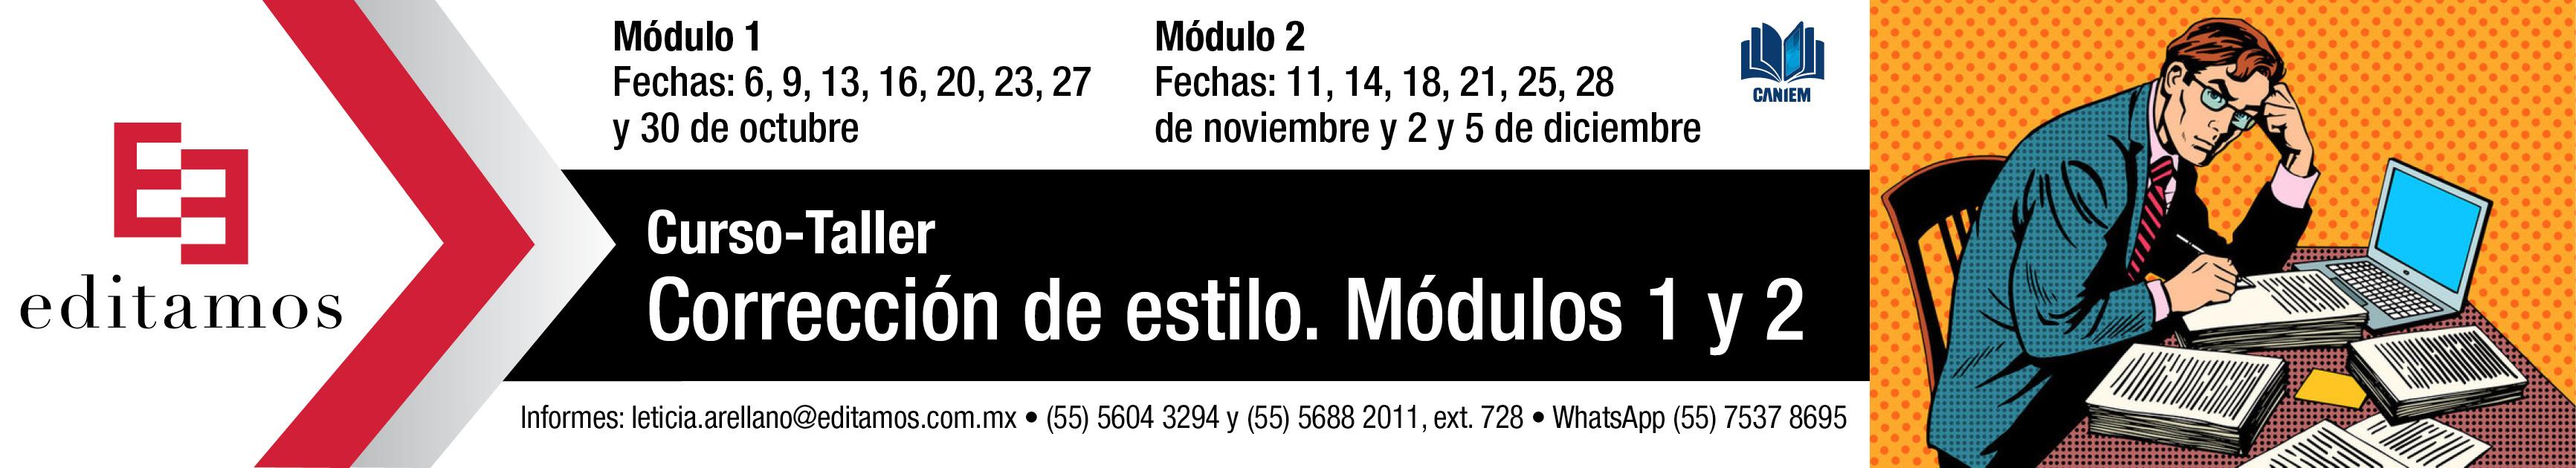 Correccion_Estilo_Carrusel